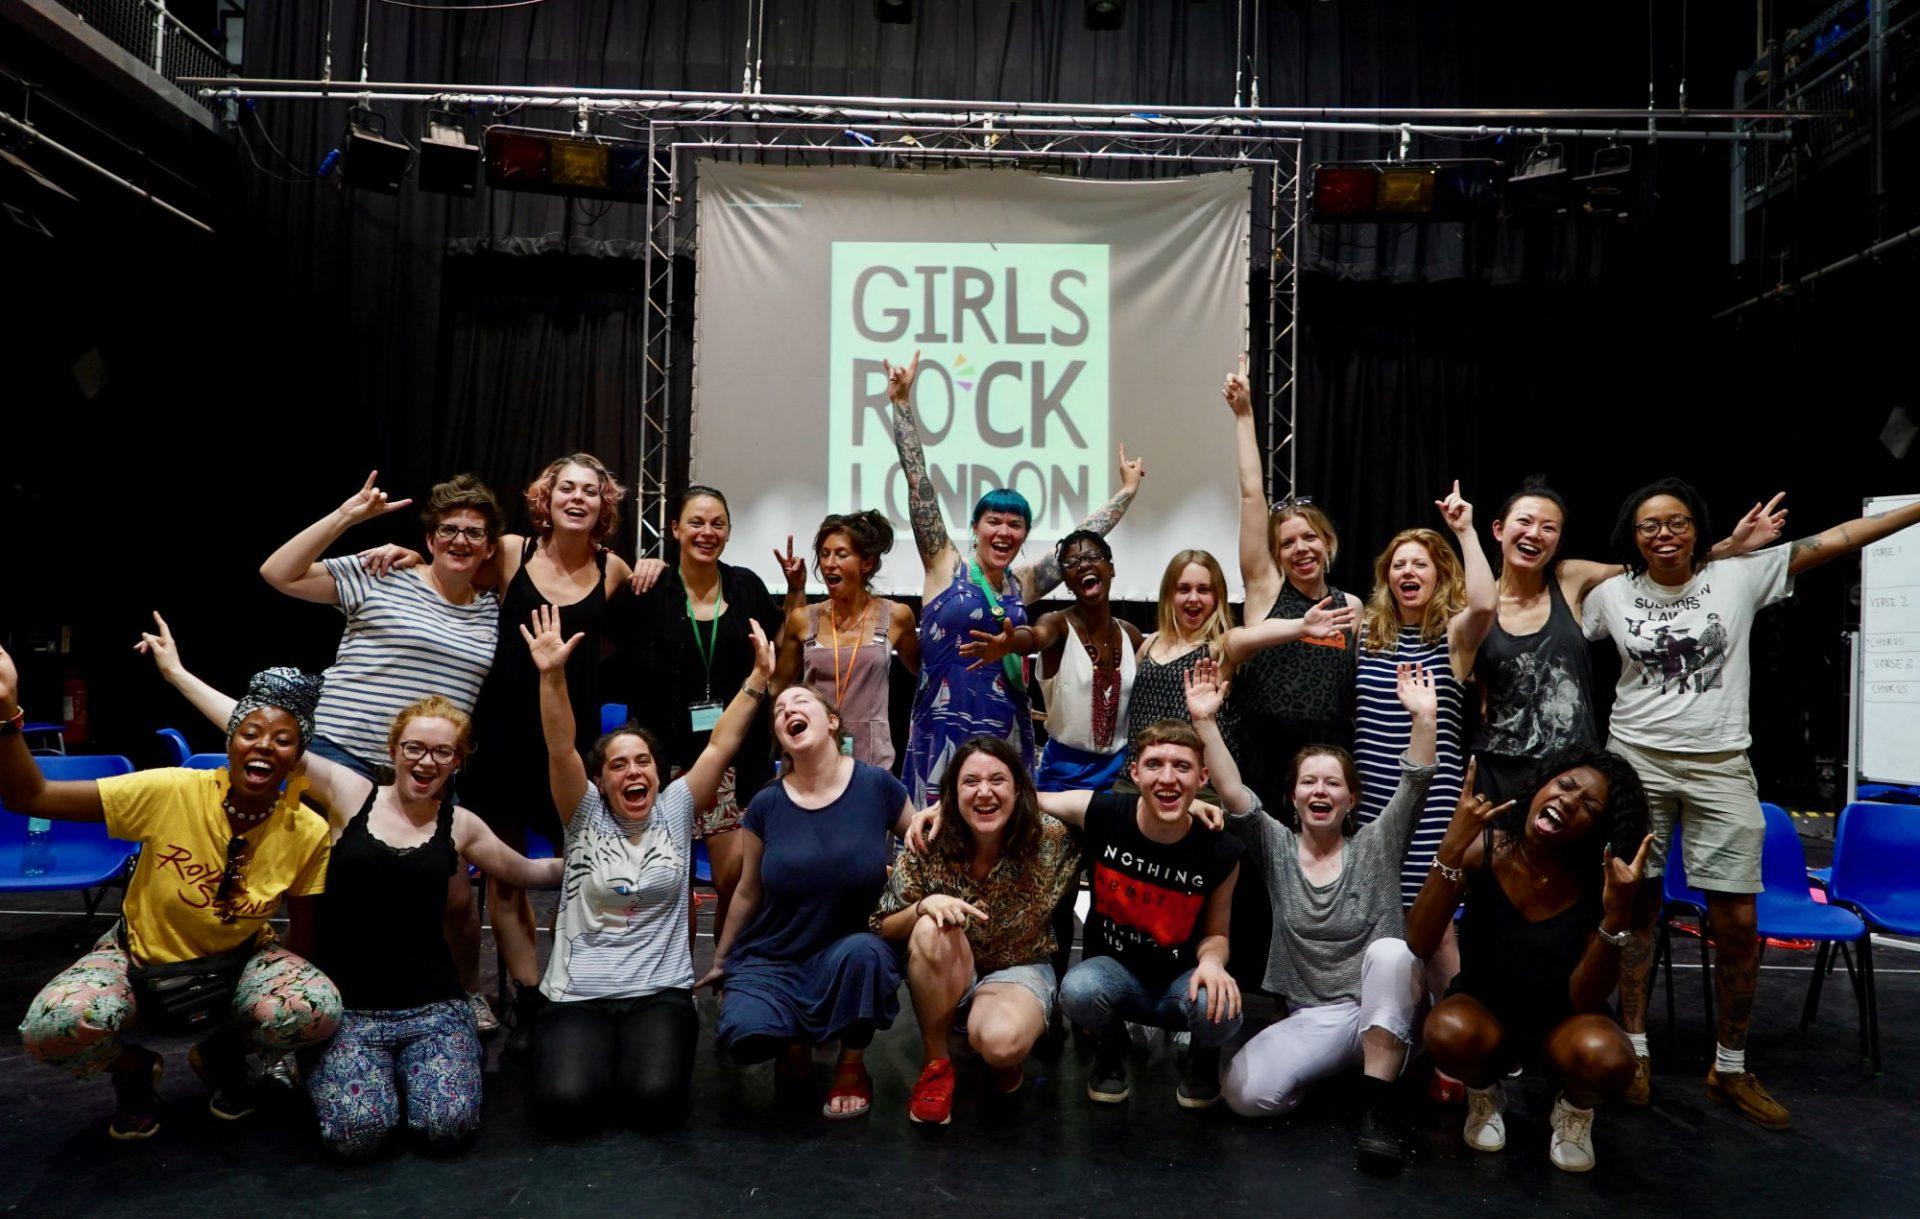 Girls-Rock-London-Team-1920x1219.jpg